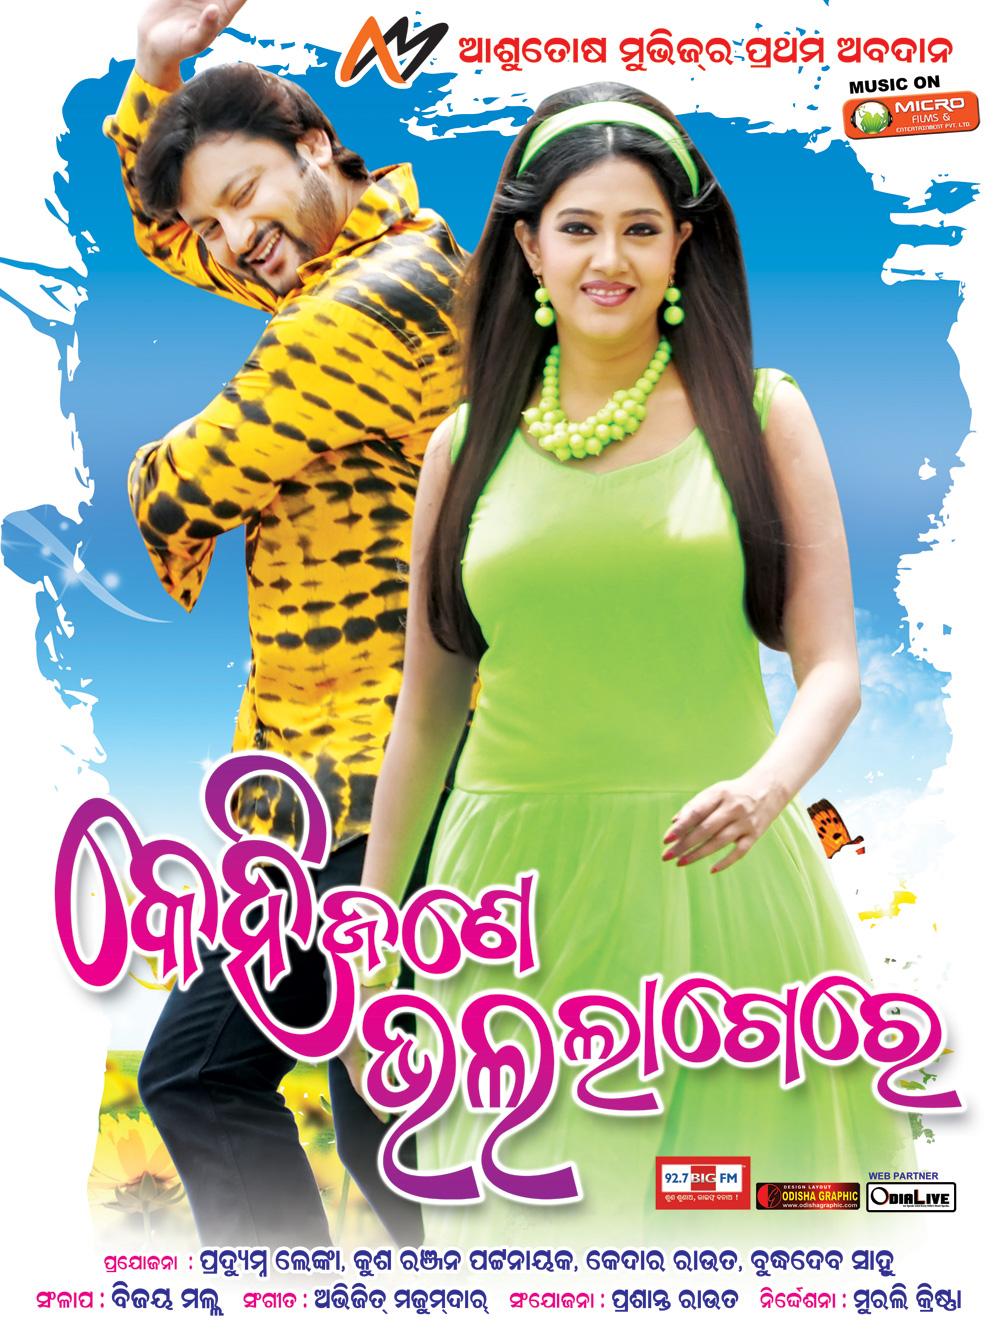 oriya film posters